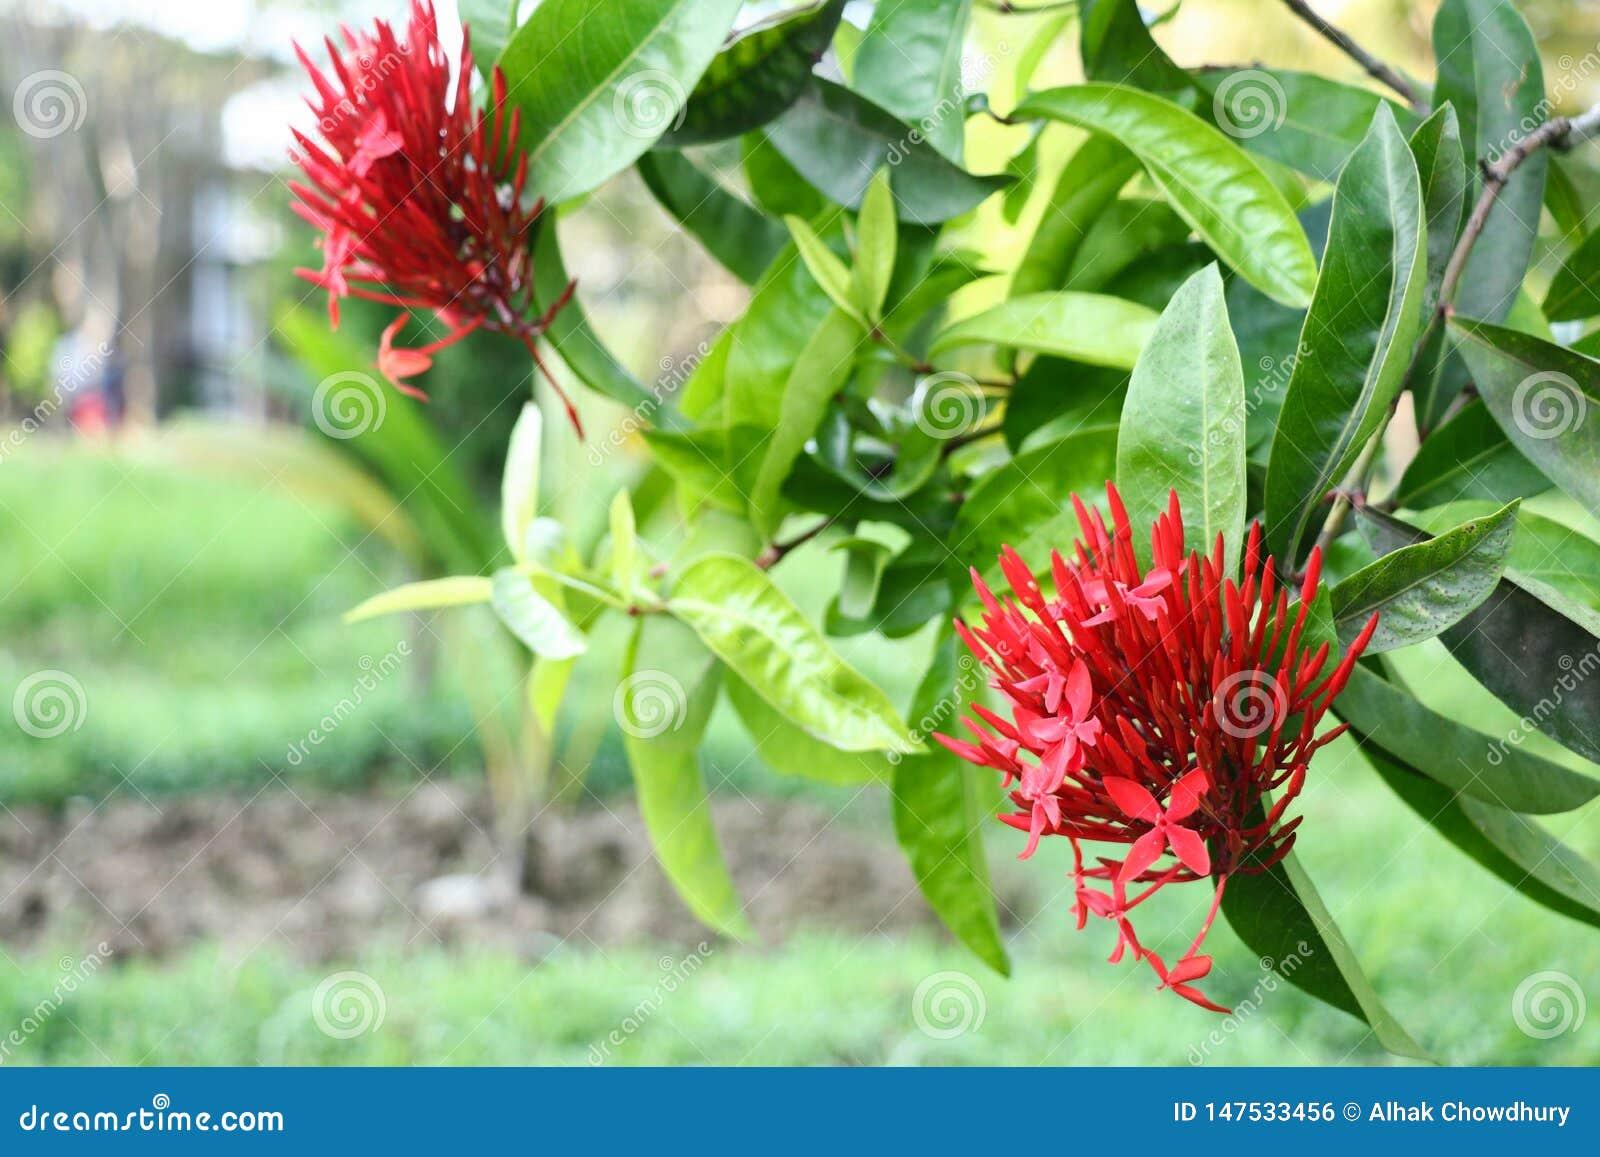 Flor roja en las hojas verdes